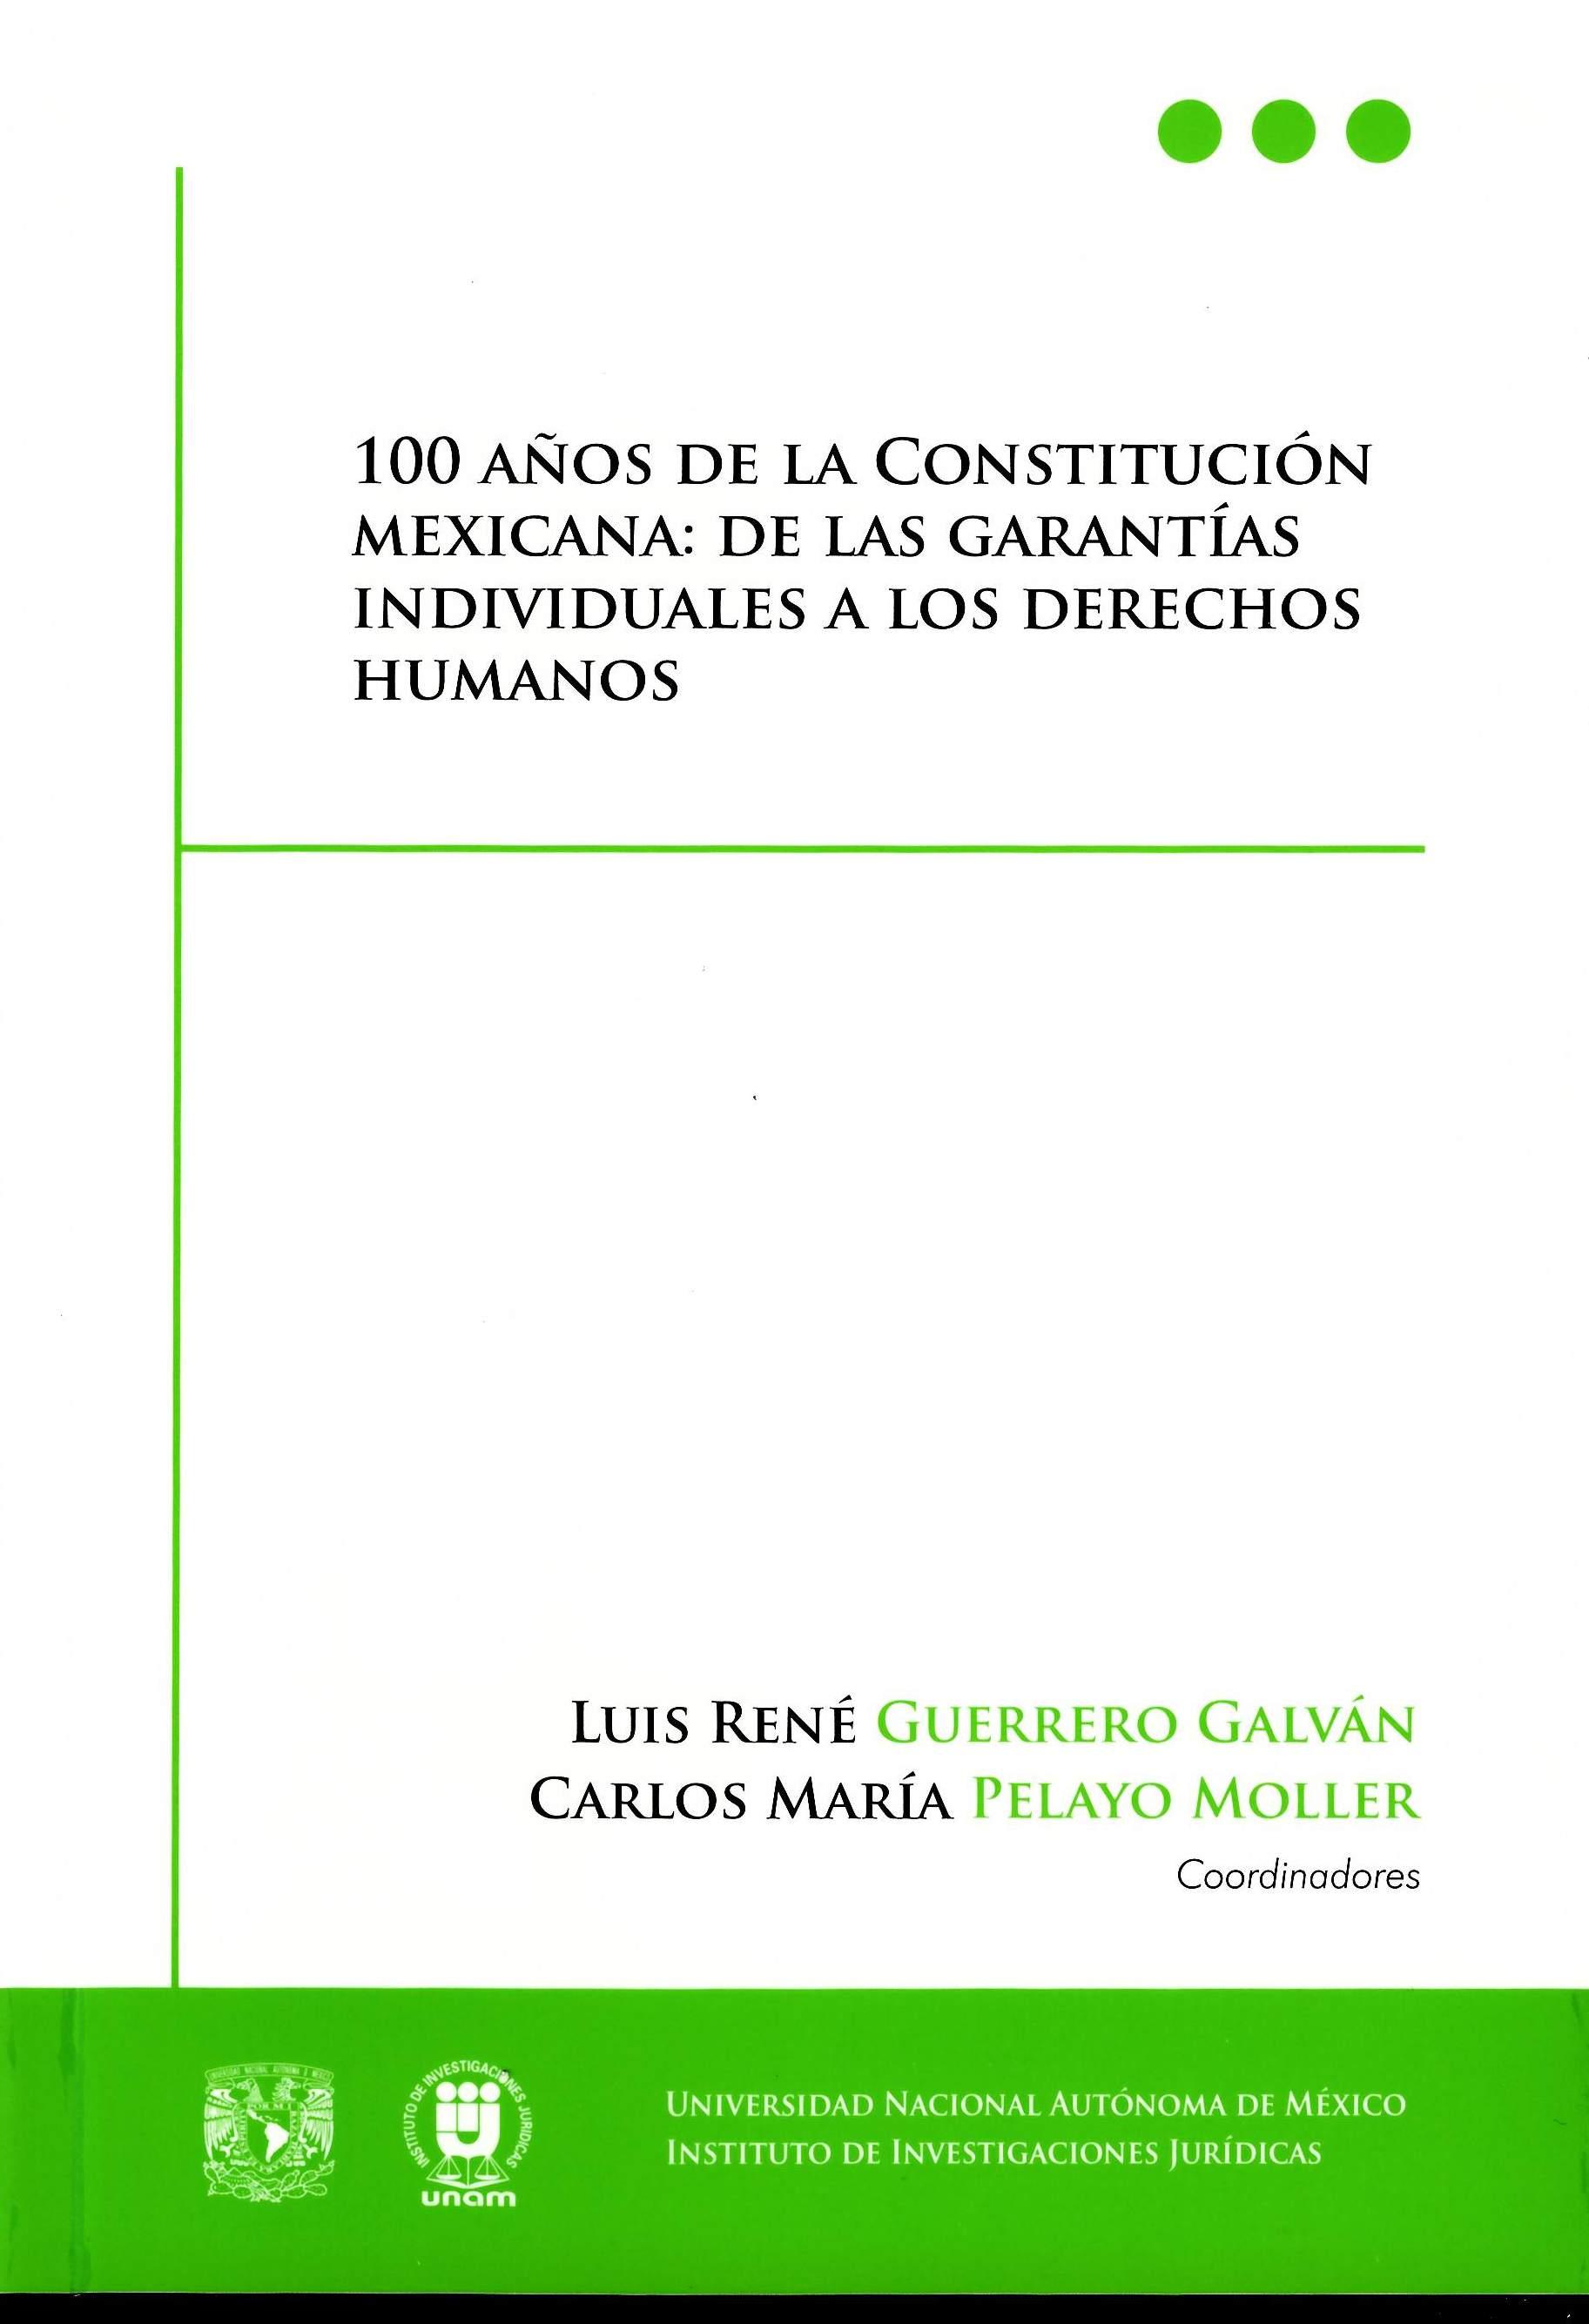 100 años de la Constitución mexicana: de las garantías individuales a los derechos humanos